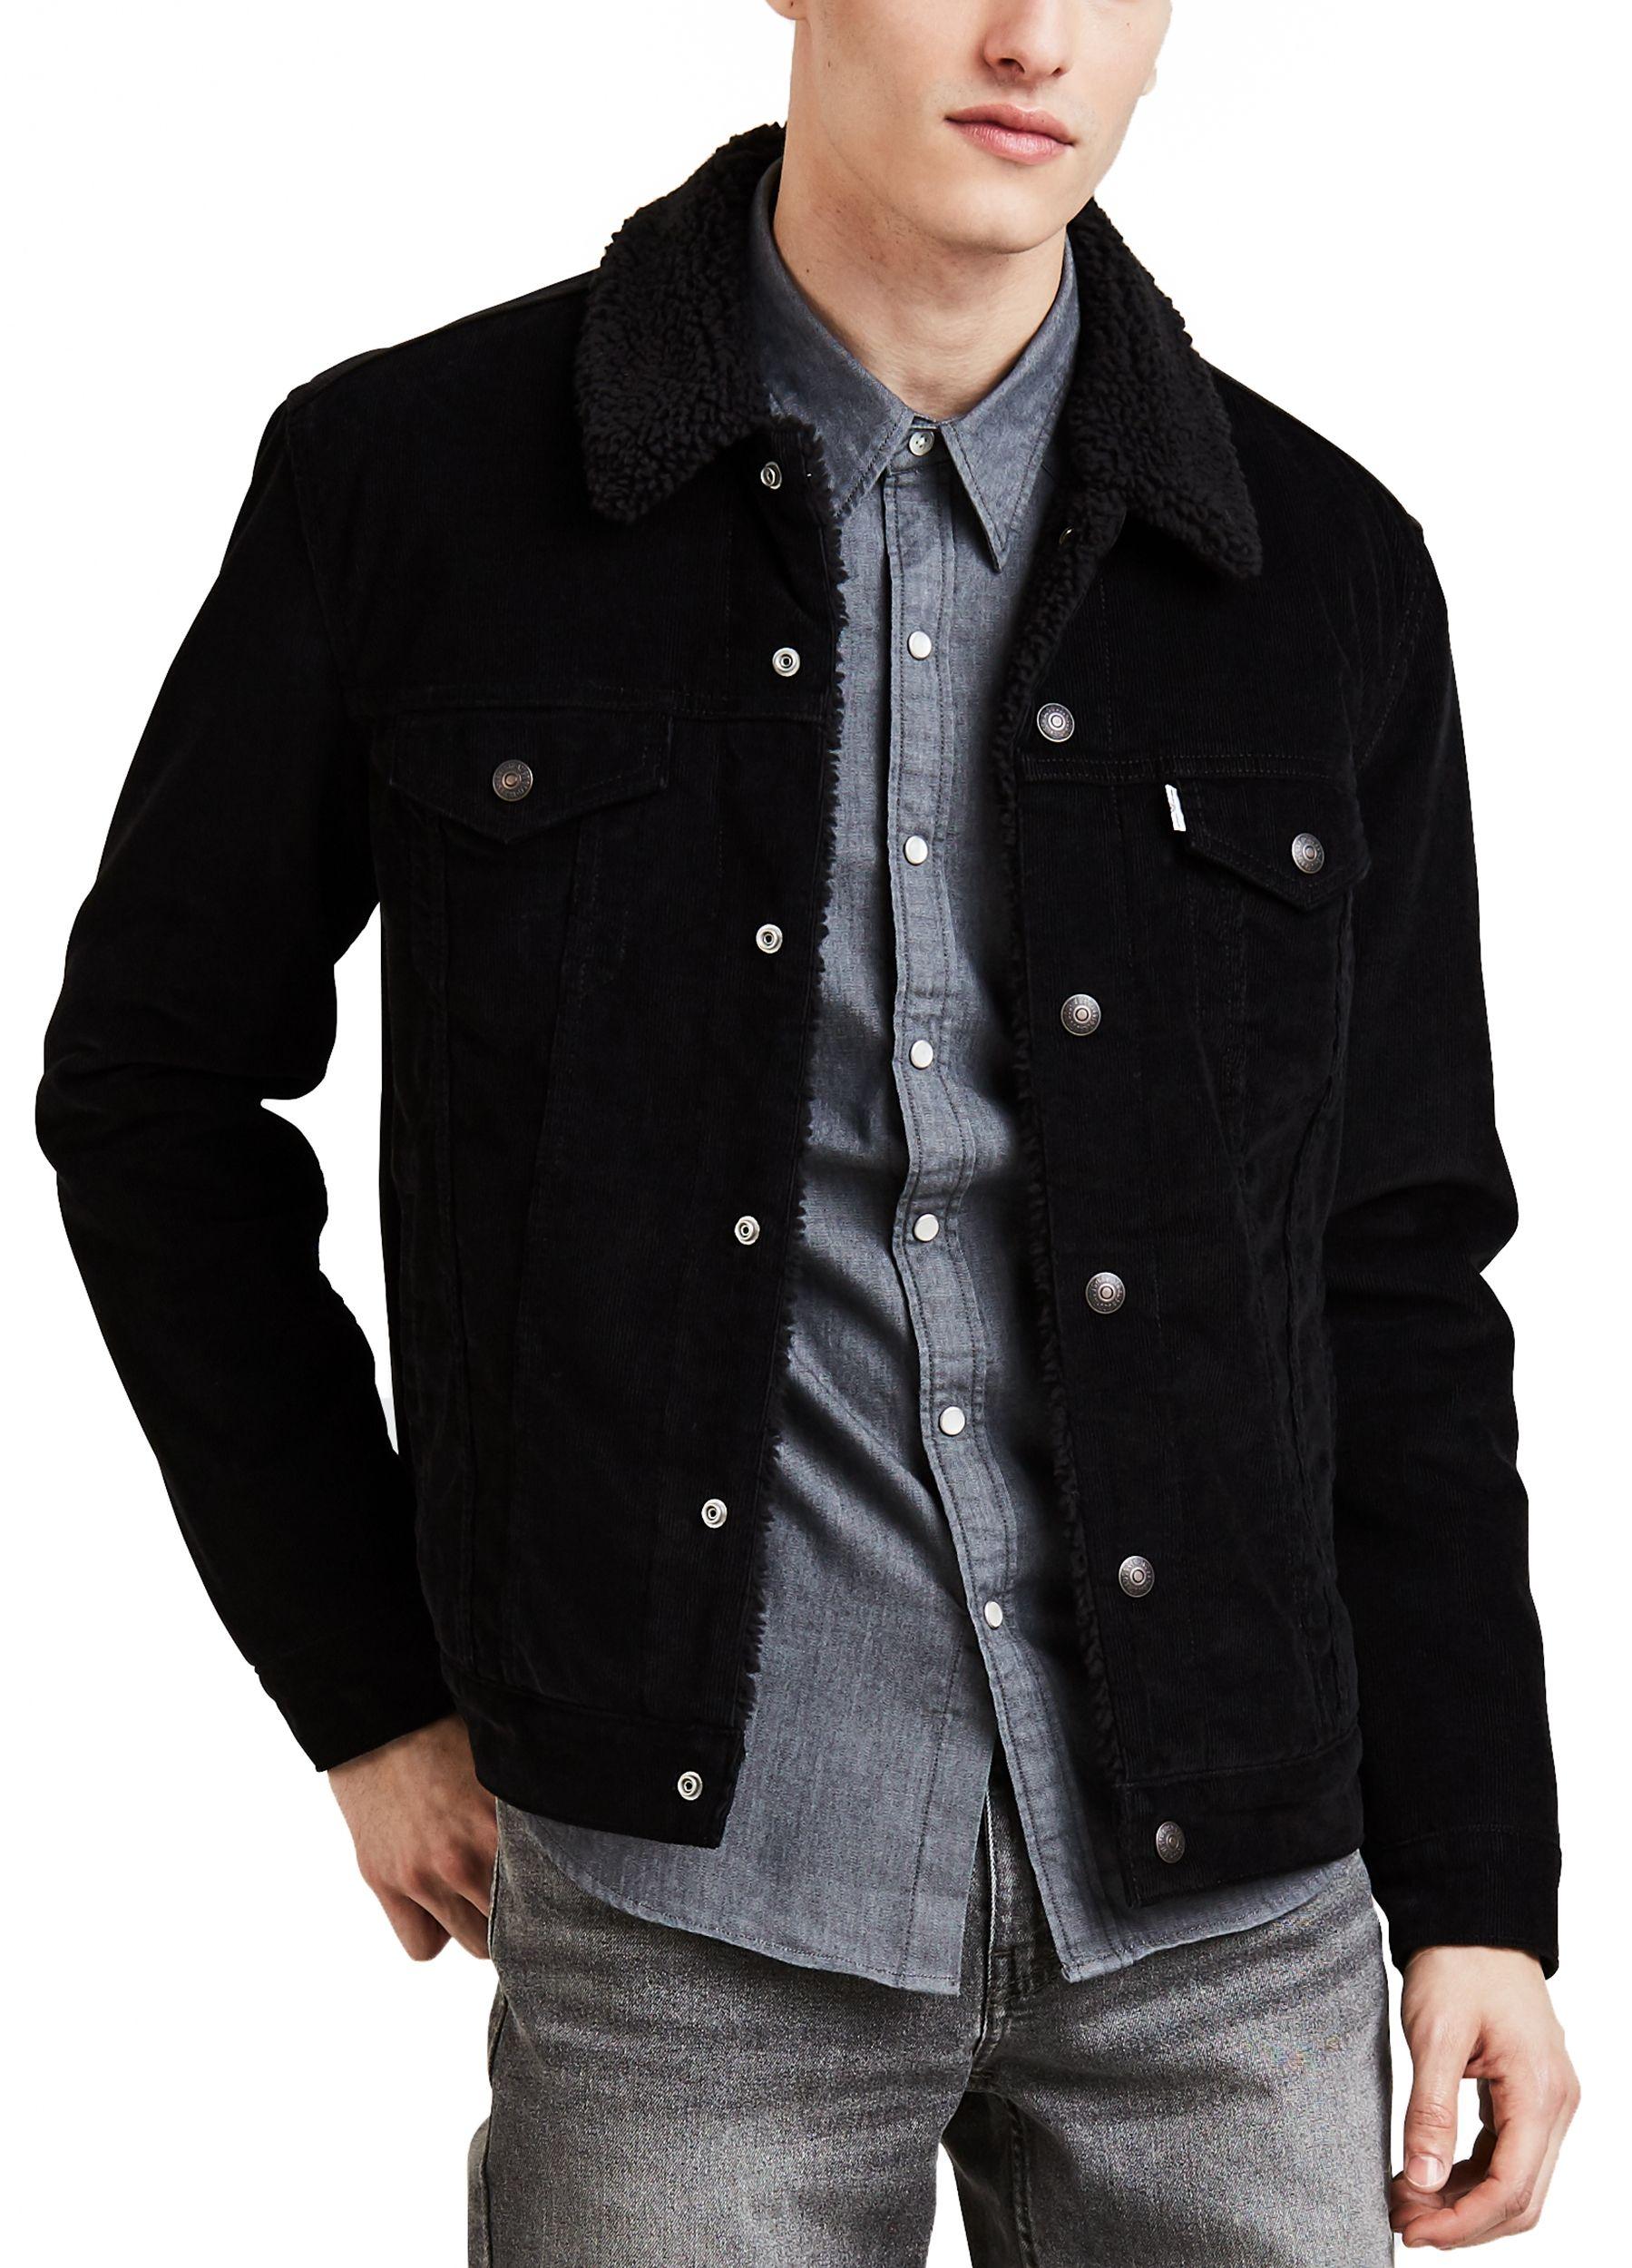 Levi Black Corduroy Jacket Western Denim Shirt Black Denim Jacket [ 2500 x 1799 Pixel ]